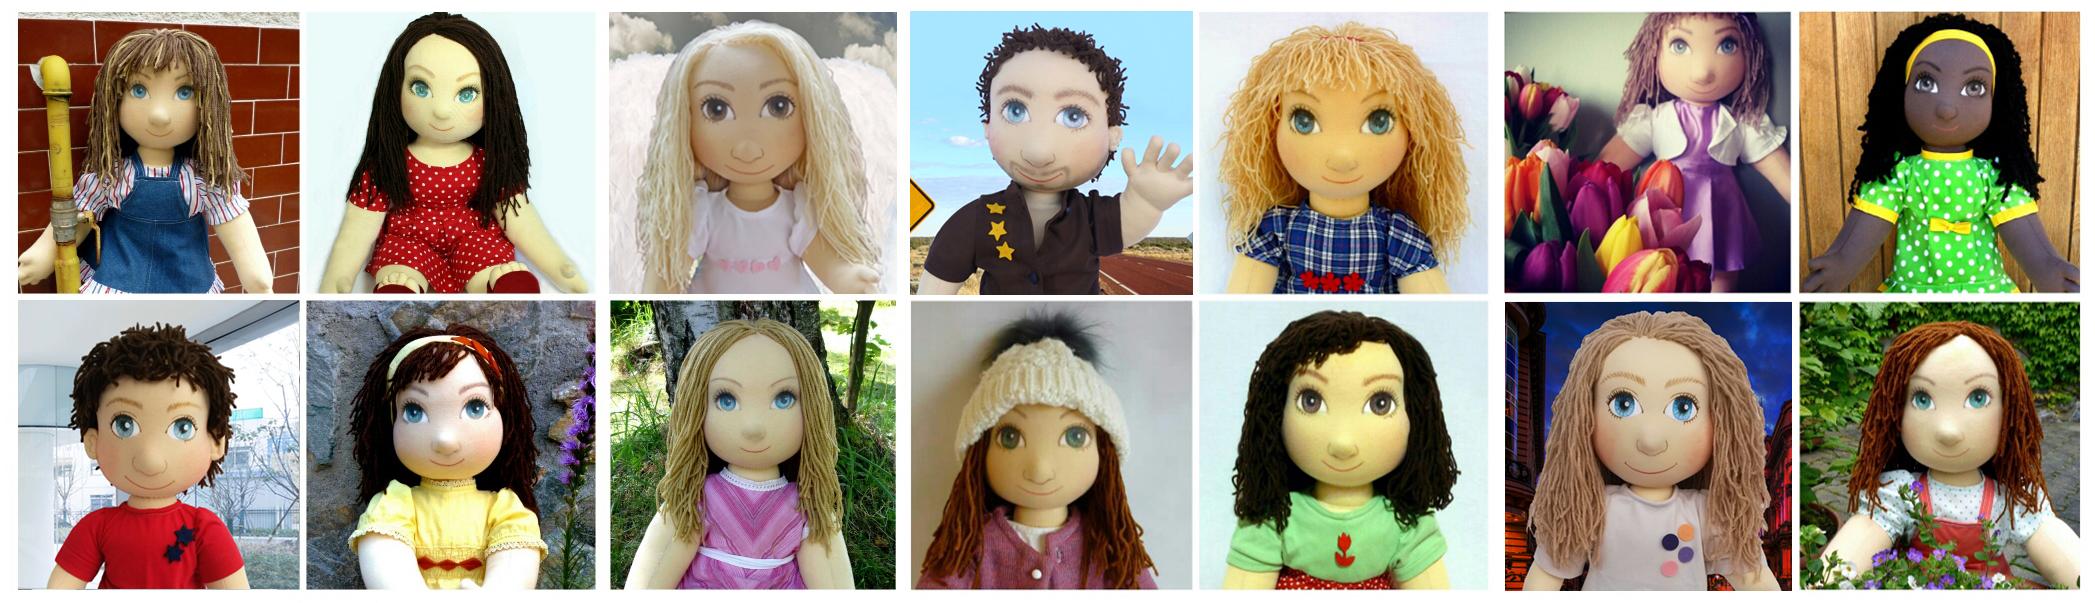 panenky, ručně šité panenky, terapeutické panenky, panenky pro děti, panenka